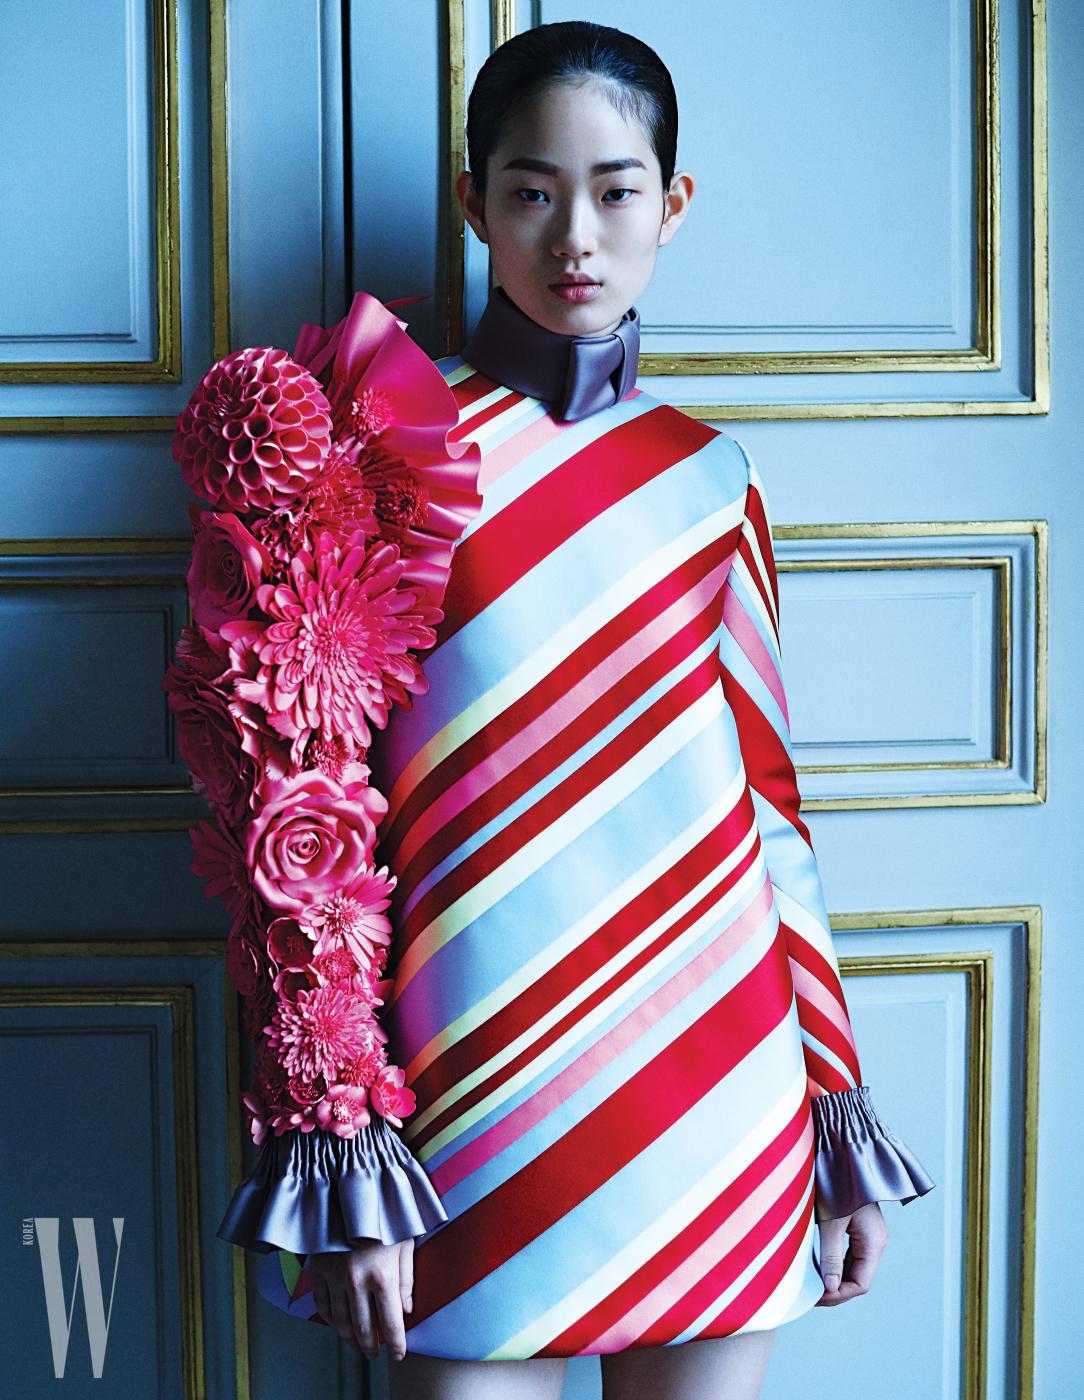 꽃 아플리케 팔 장식 드레스는 Viktor & Rolf 제품.